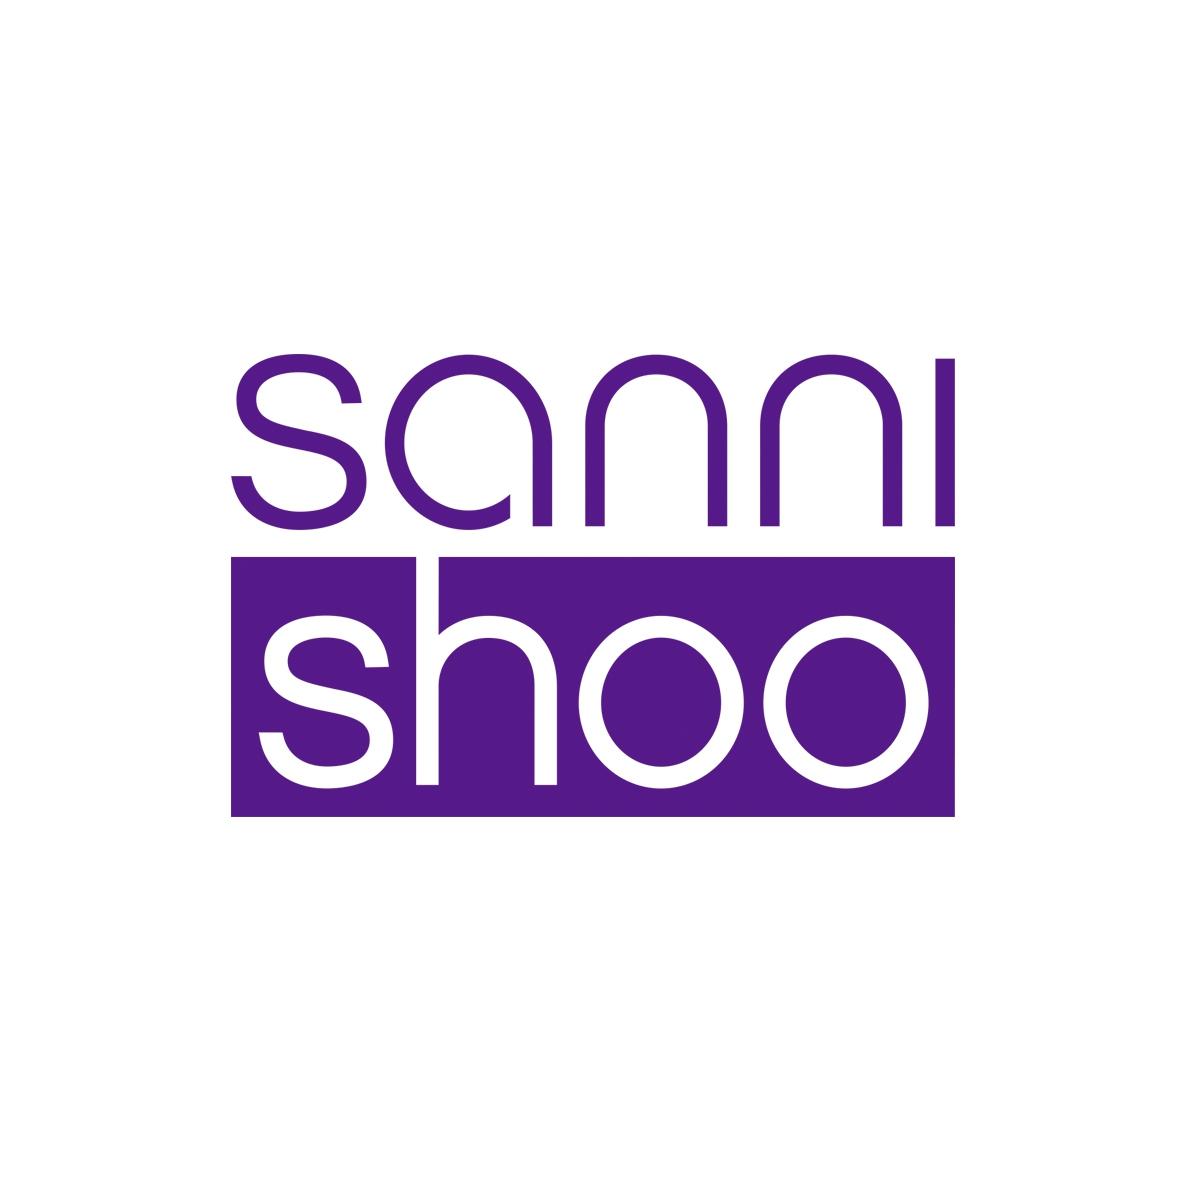 Logo sannishoo